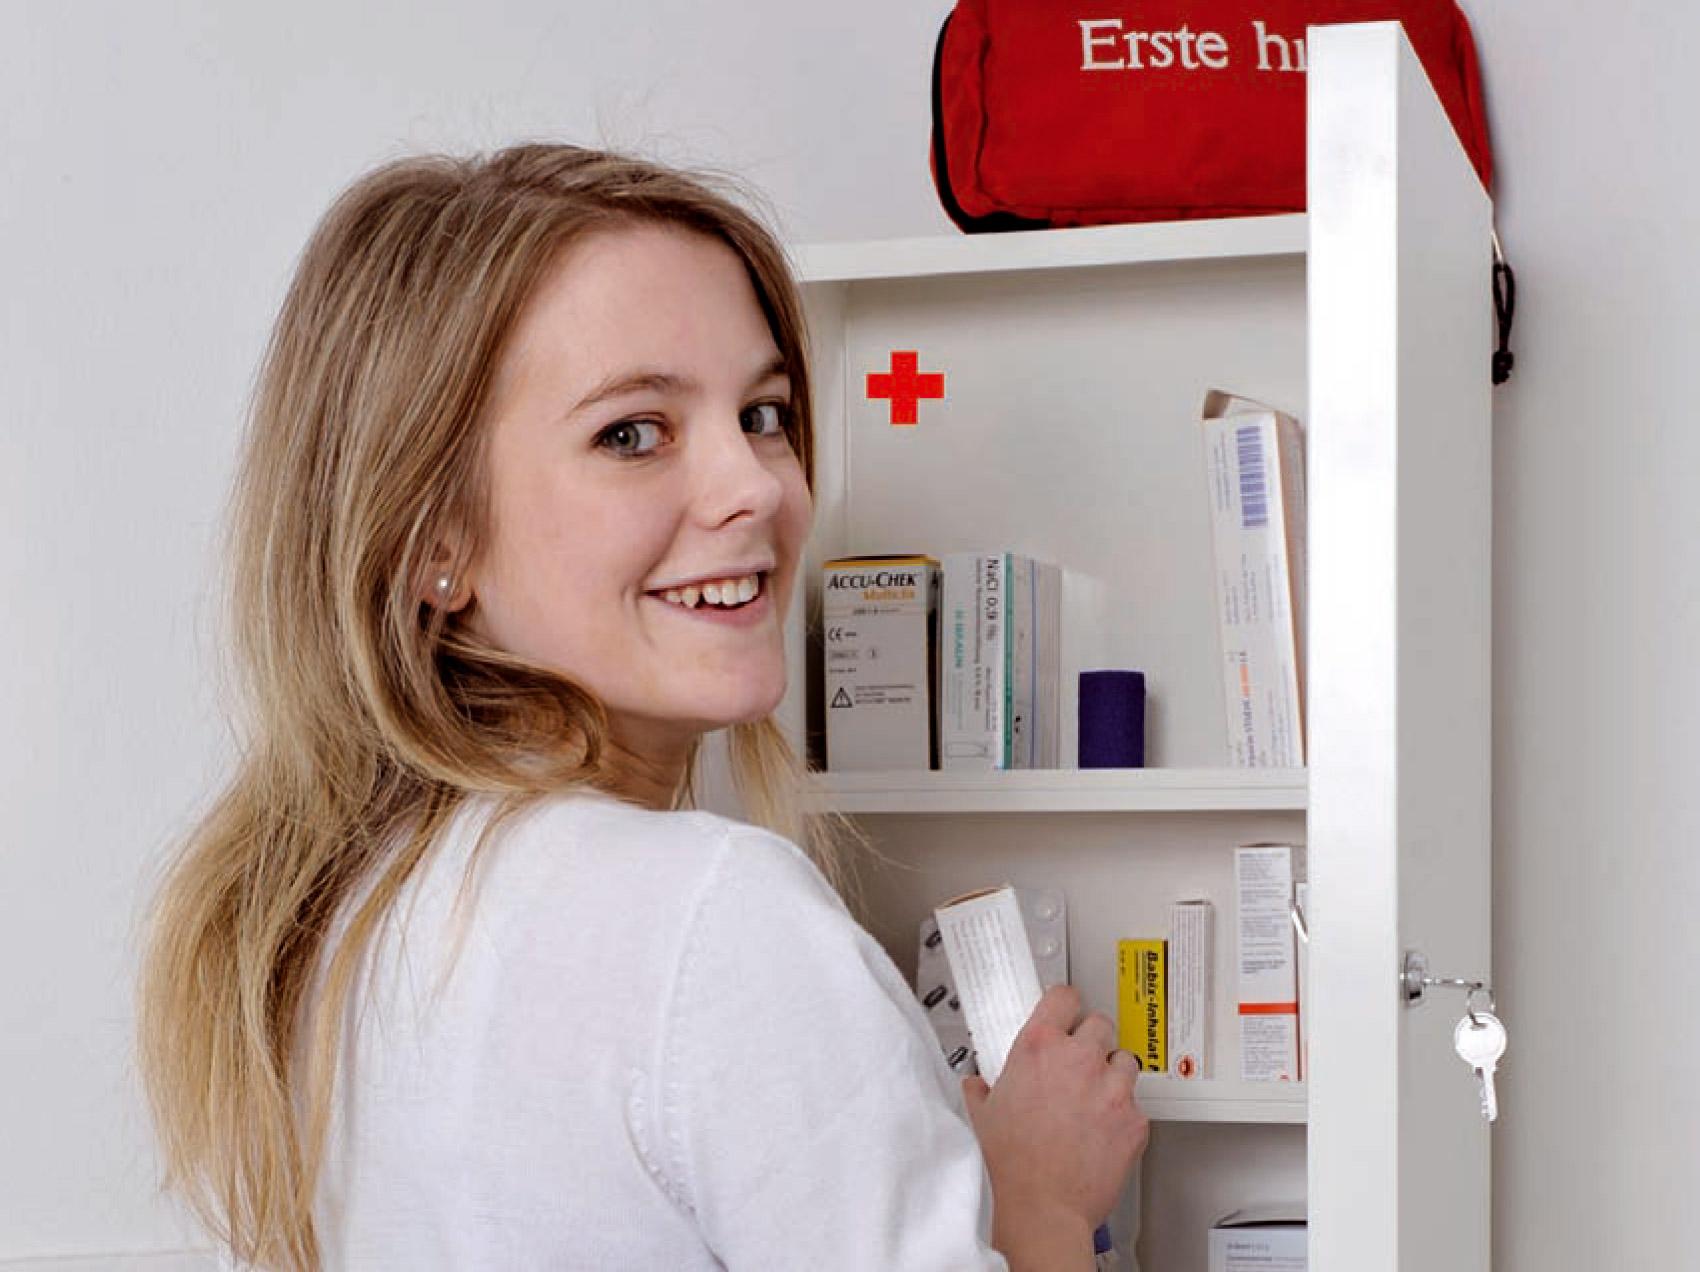 apotheken-wissen.de: Der richtige Inhalt Ihrer Hausapotheke.